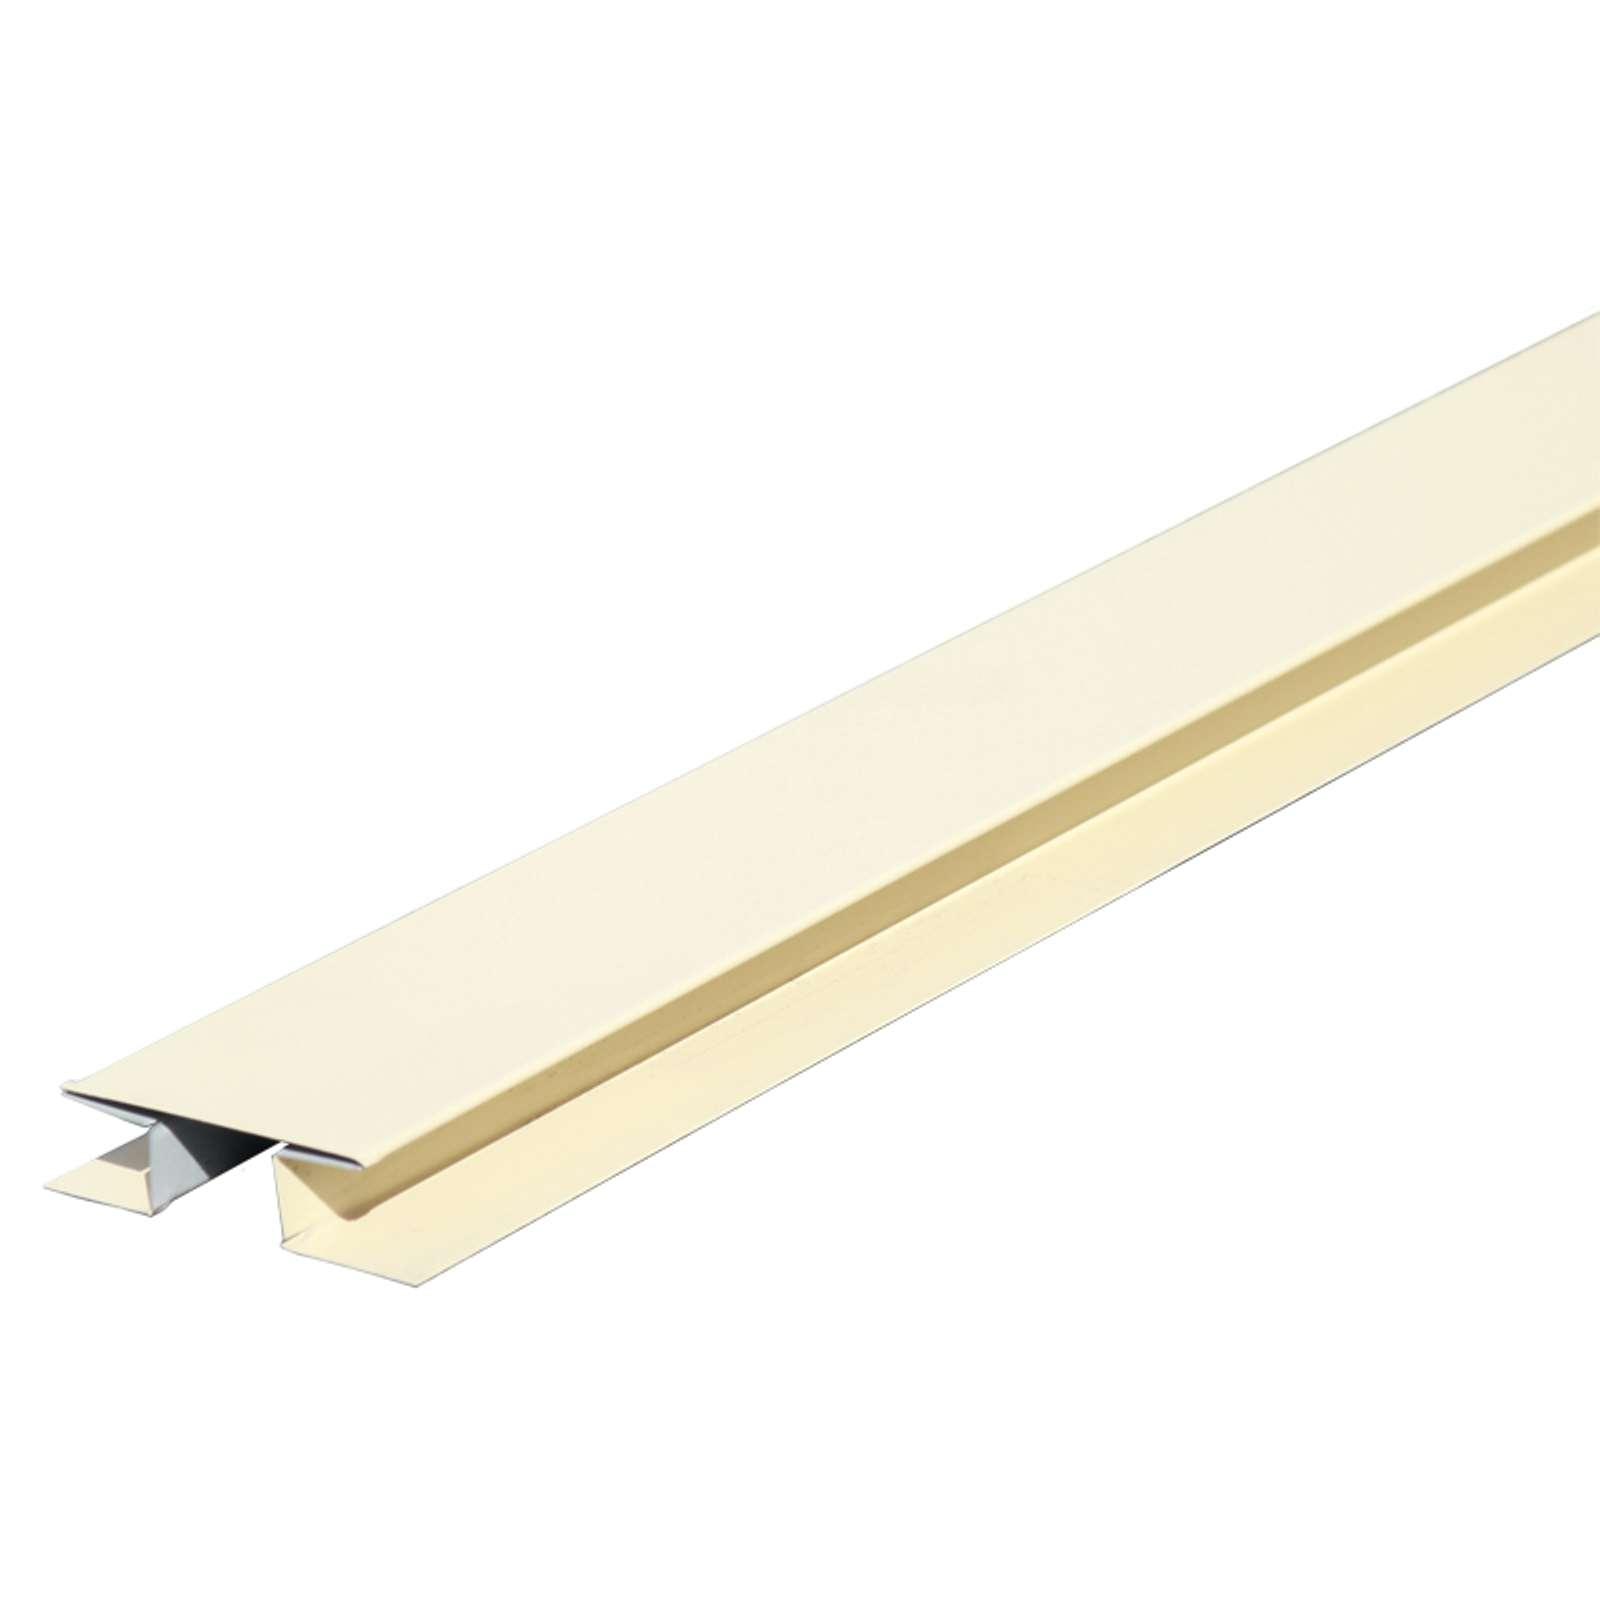 Планка стыковочн. сложная метал. (слоновая кость RAL 1014) 75х3000